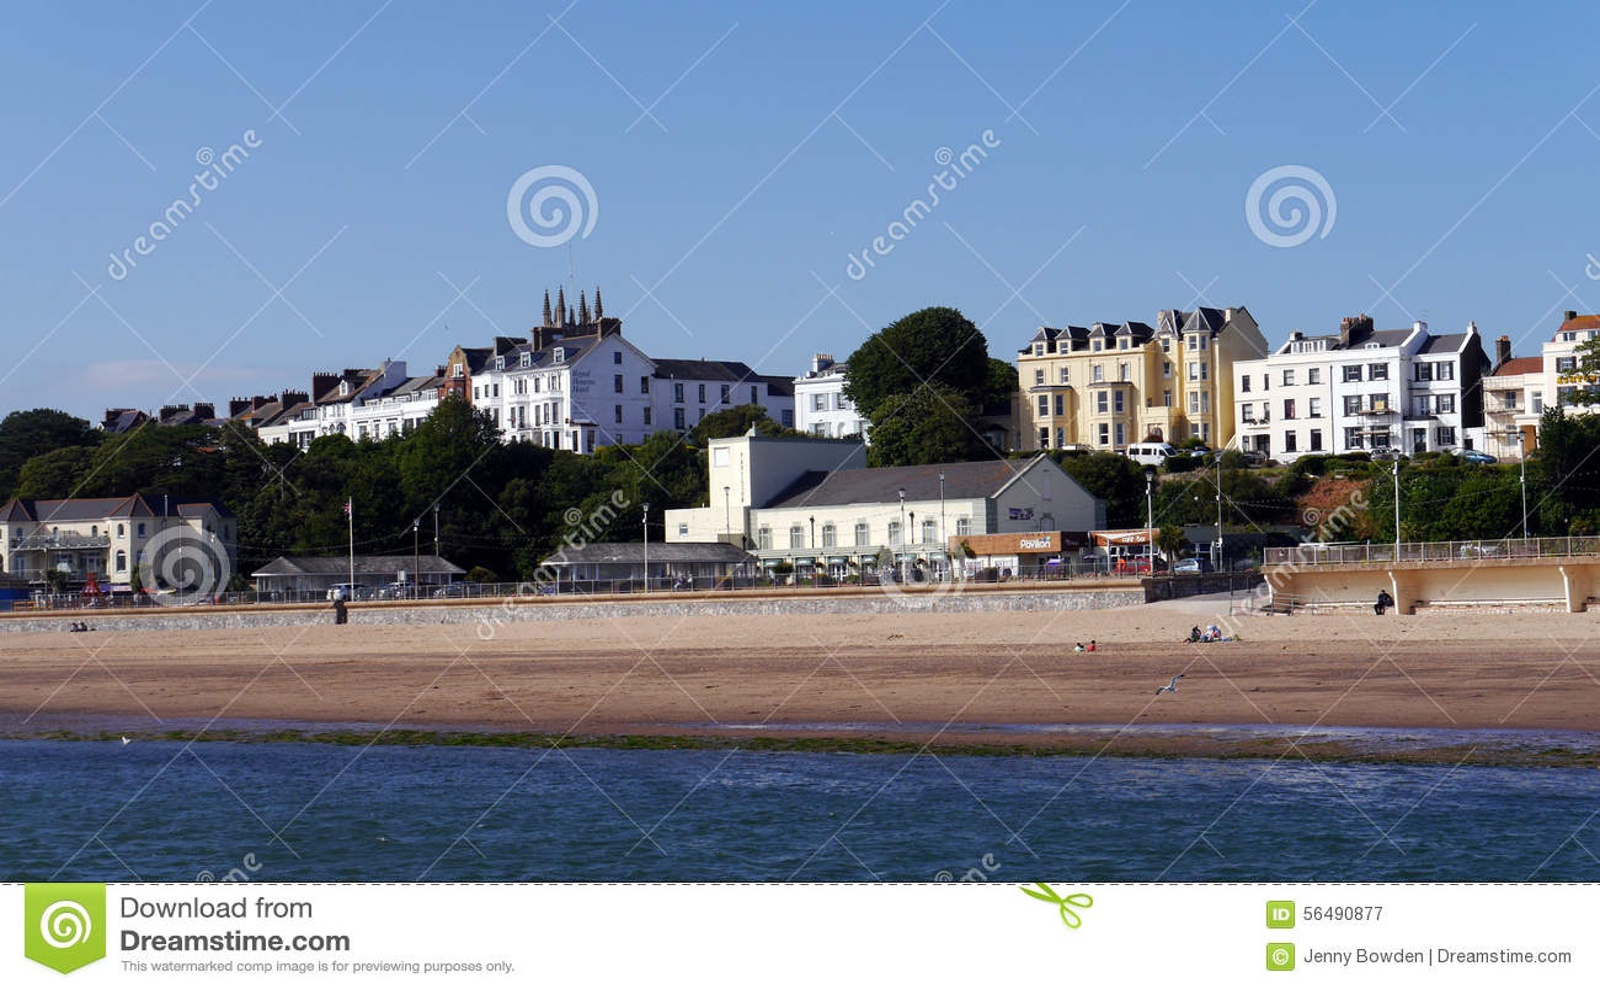 Exmouth Devon